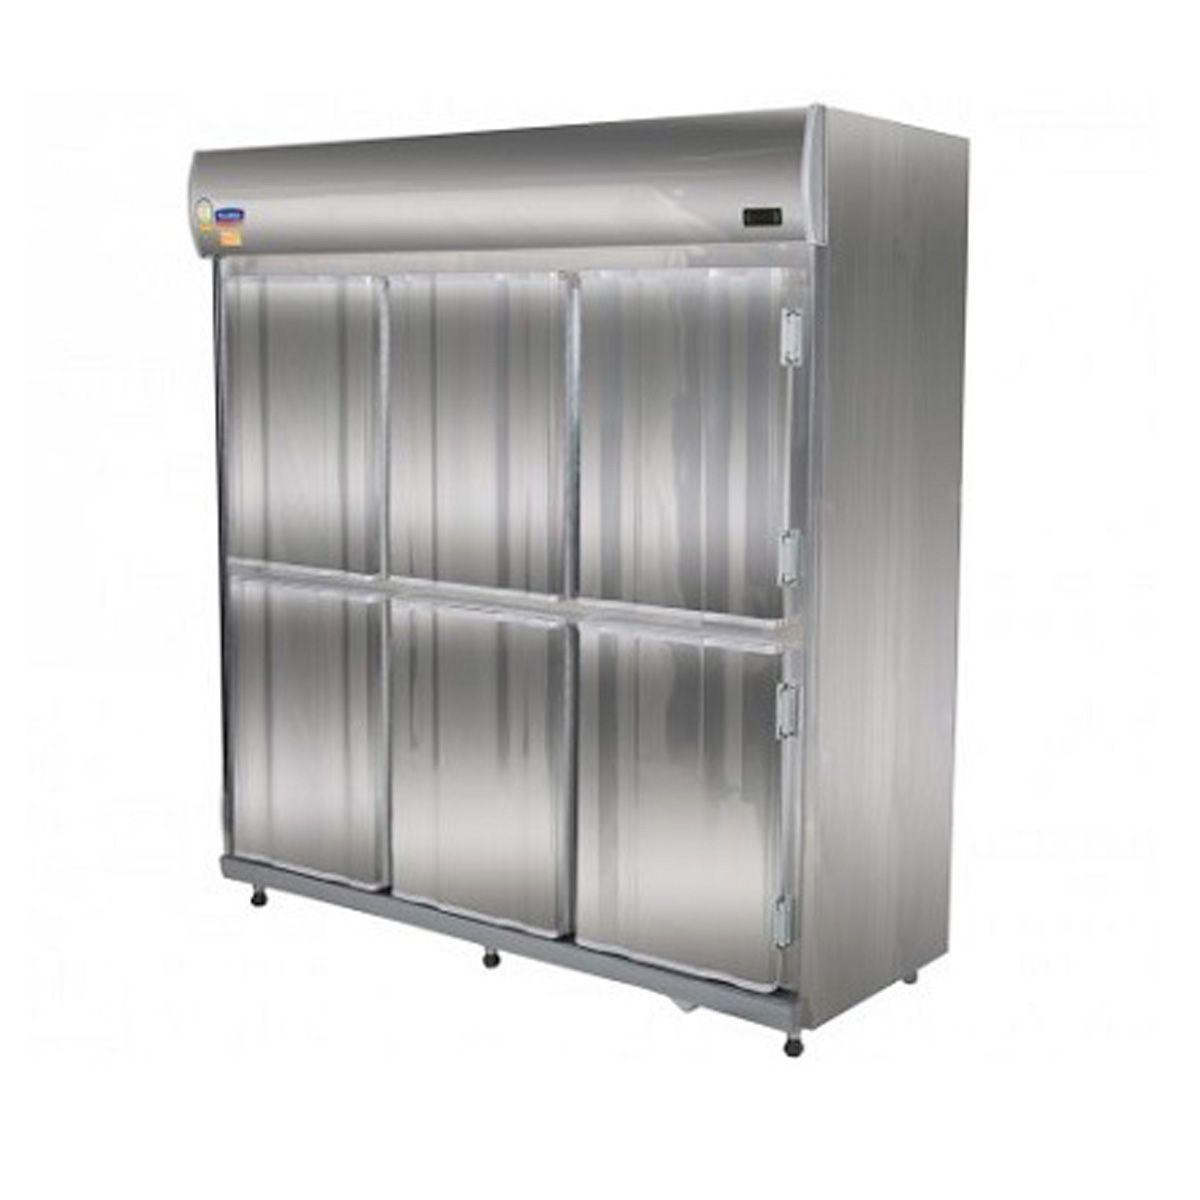 Refrigerador Comercial 6 portas inox linha pro Klima